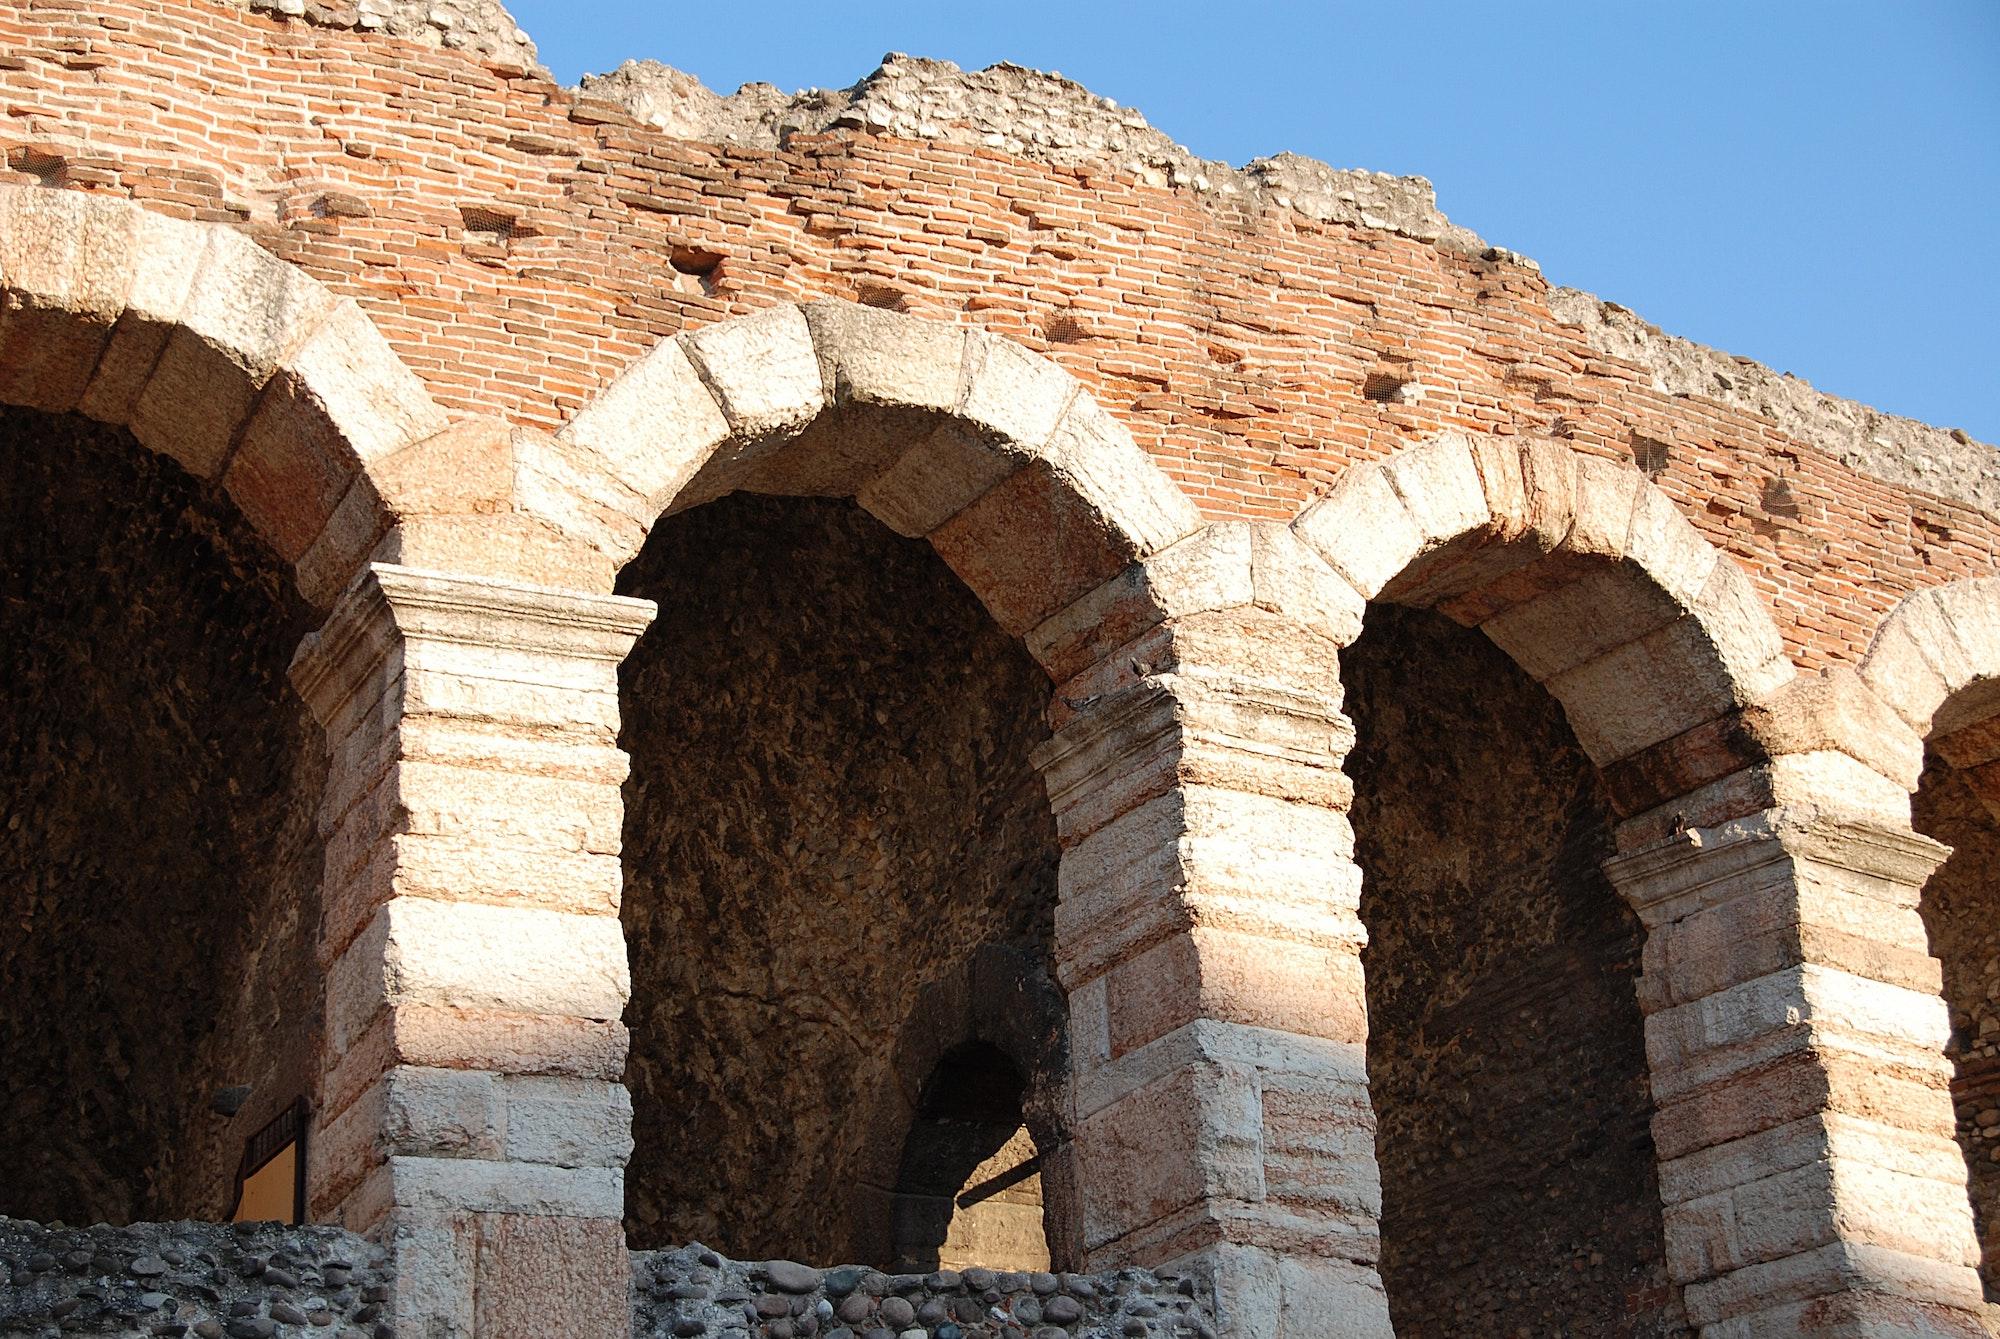 Le migliori esperienze che puoi vivere a Verona (parte 2)